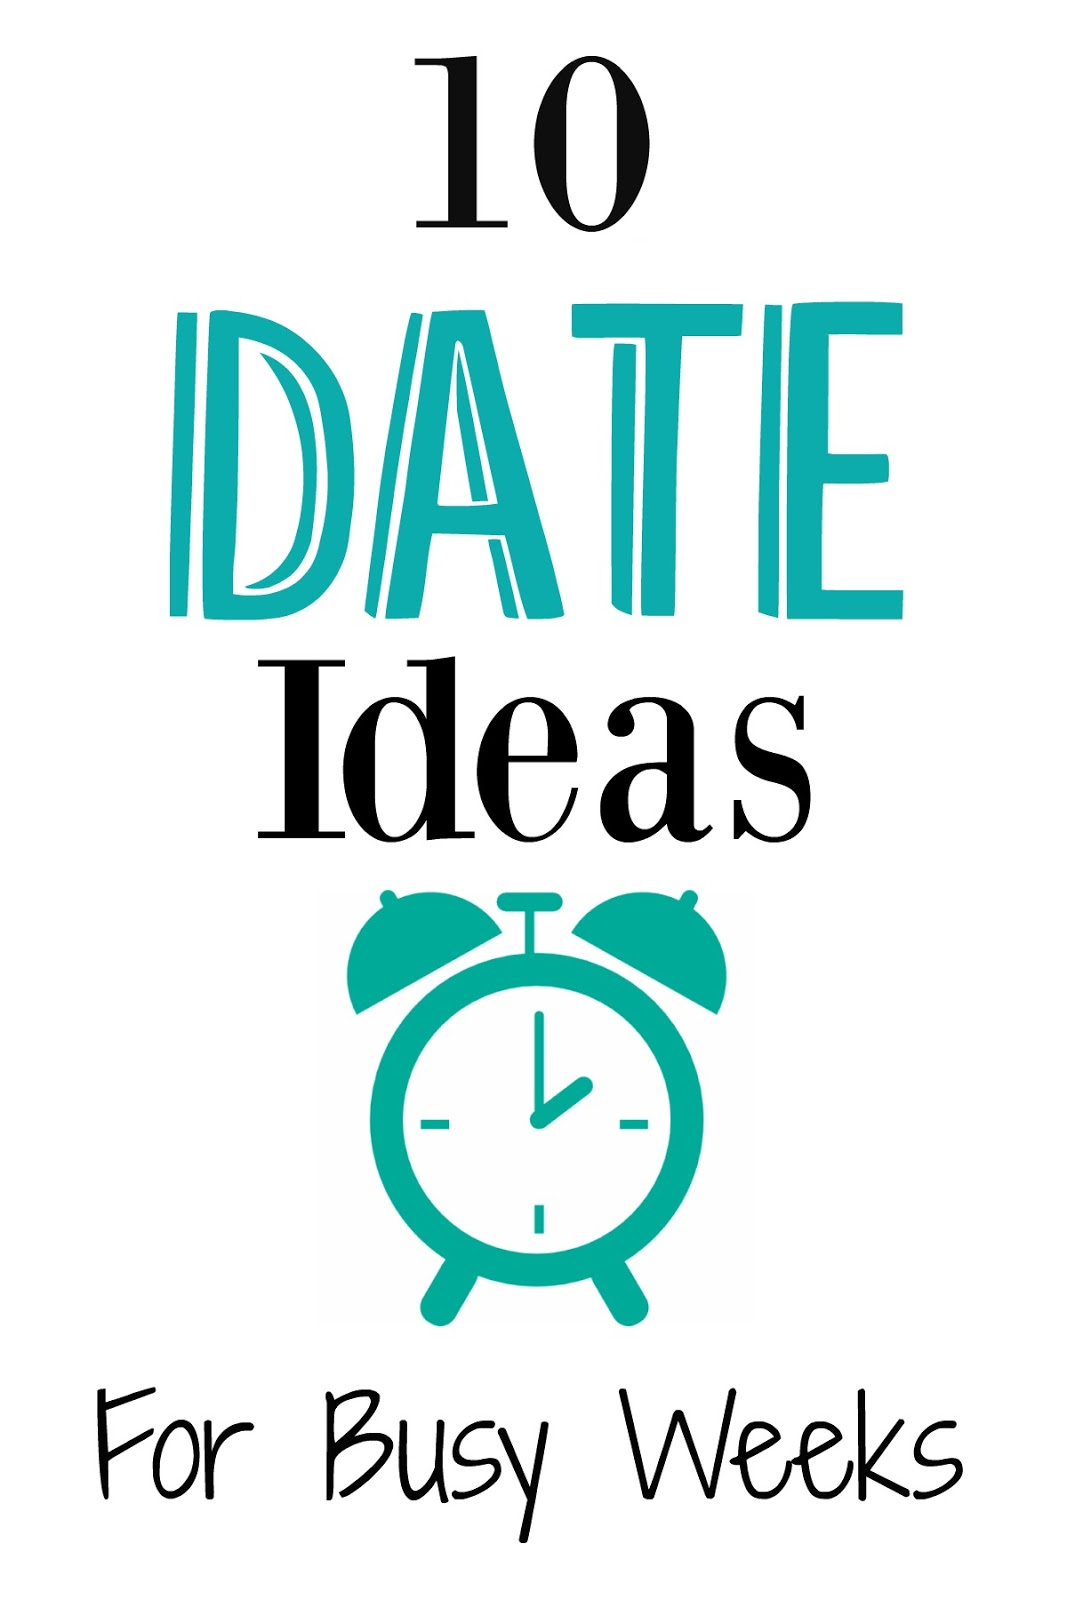 Datum Ideen in Durham Region